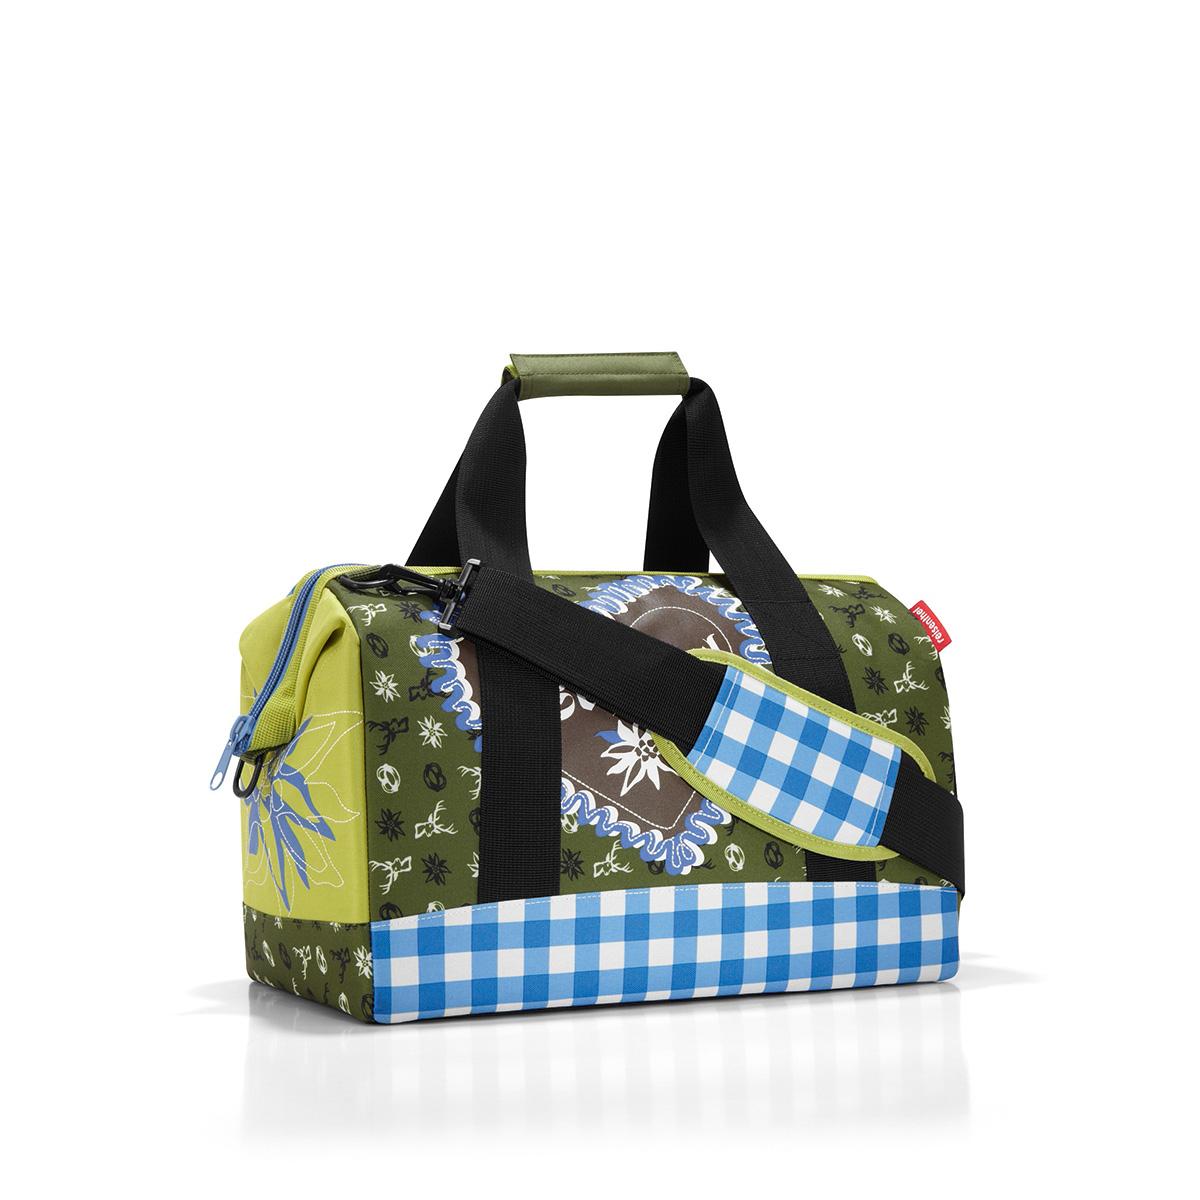 Сумка дорожная женская Reisenthel Allrounder, цвет: зеленый, голубой. MS5022 дорожная сумка купить в интернет магазине